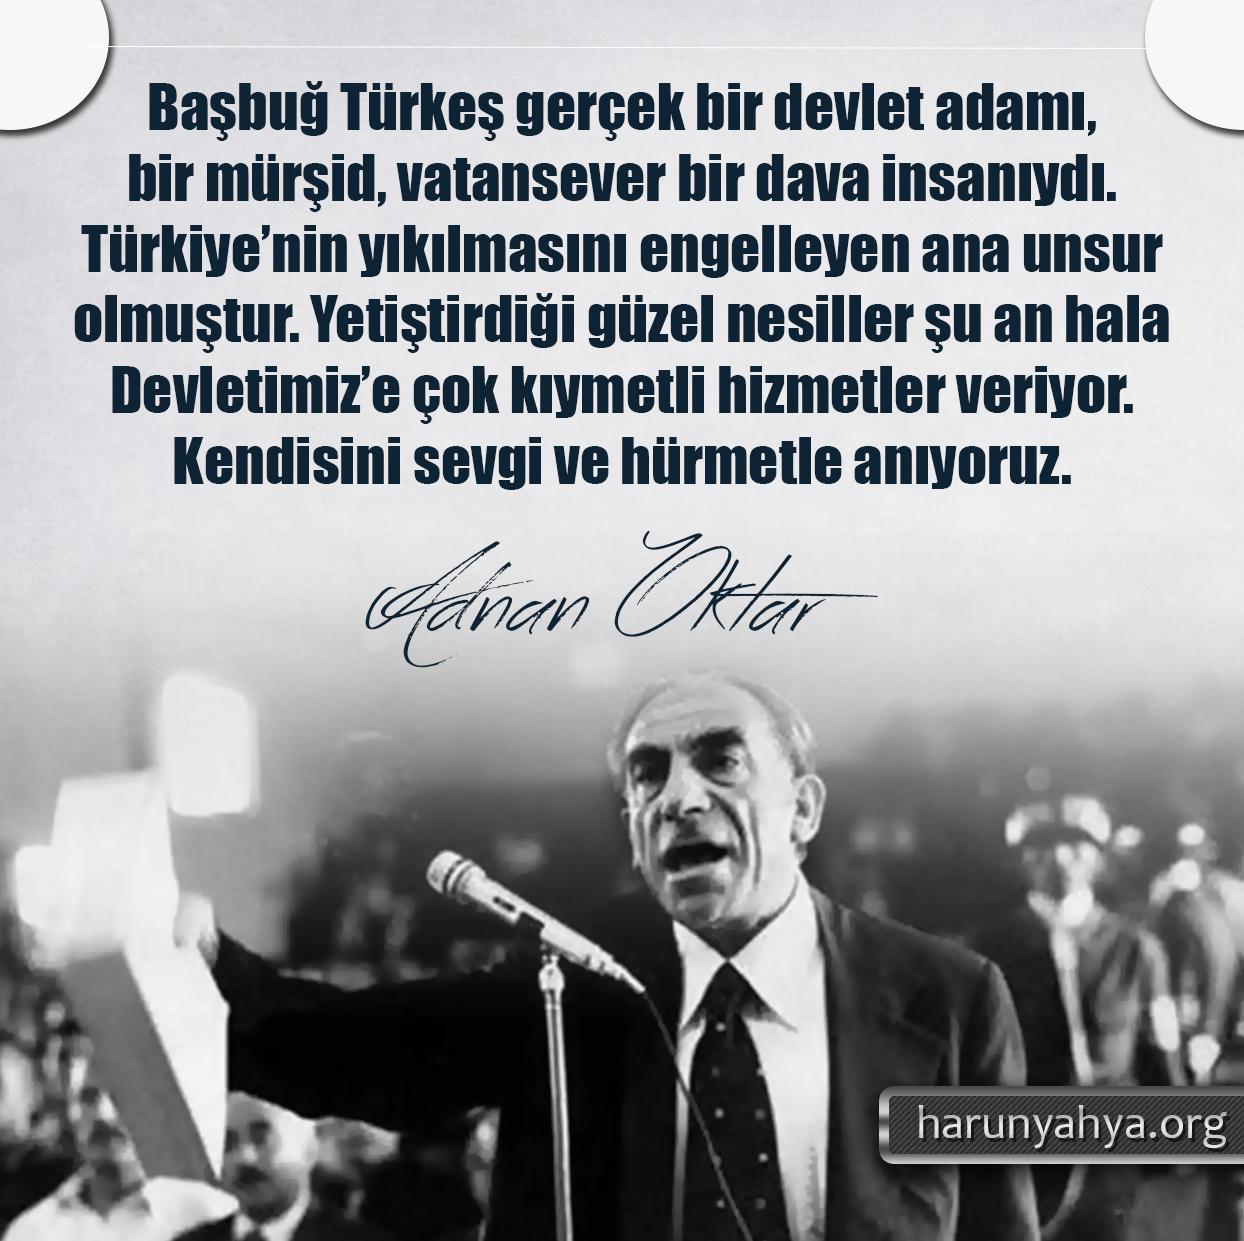 """<table style=""""width: 100%;""""><tr><td style=""""vertical-align: middle;"""">Başbuğ Türkeş gerçek bir devlet adamı, bir mürşid, vatansever bir dava insanıydı. Türkiye'nin yıkılmasını engelleyen ana unsur olmuştur. Yetiştirdiği güzel nesiller şu an hala Devletimiz'e çok kıymetli hizmetler veriyor. Kendisini sevgi ve hürmetle anıyoruz.</td><td style=""""max-width: 70px;vertical-align: middle;""""> <a href=""""/downloadquote.php?filename=1527141597290.jpg""""><img class=""""hoversaturate"""" height=""""20px"""" src=""""/assets/images/download-iconu.png"""" style=""""width: 48px; height: 48px;"""" title=""""Resmi İndir""""/></a></td></tr></table>"""